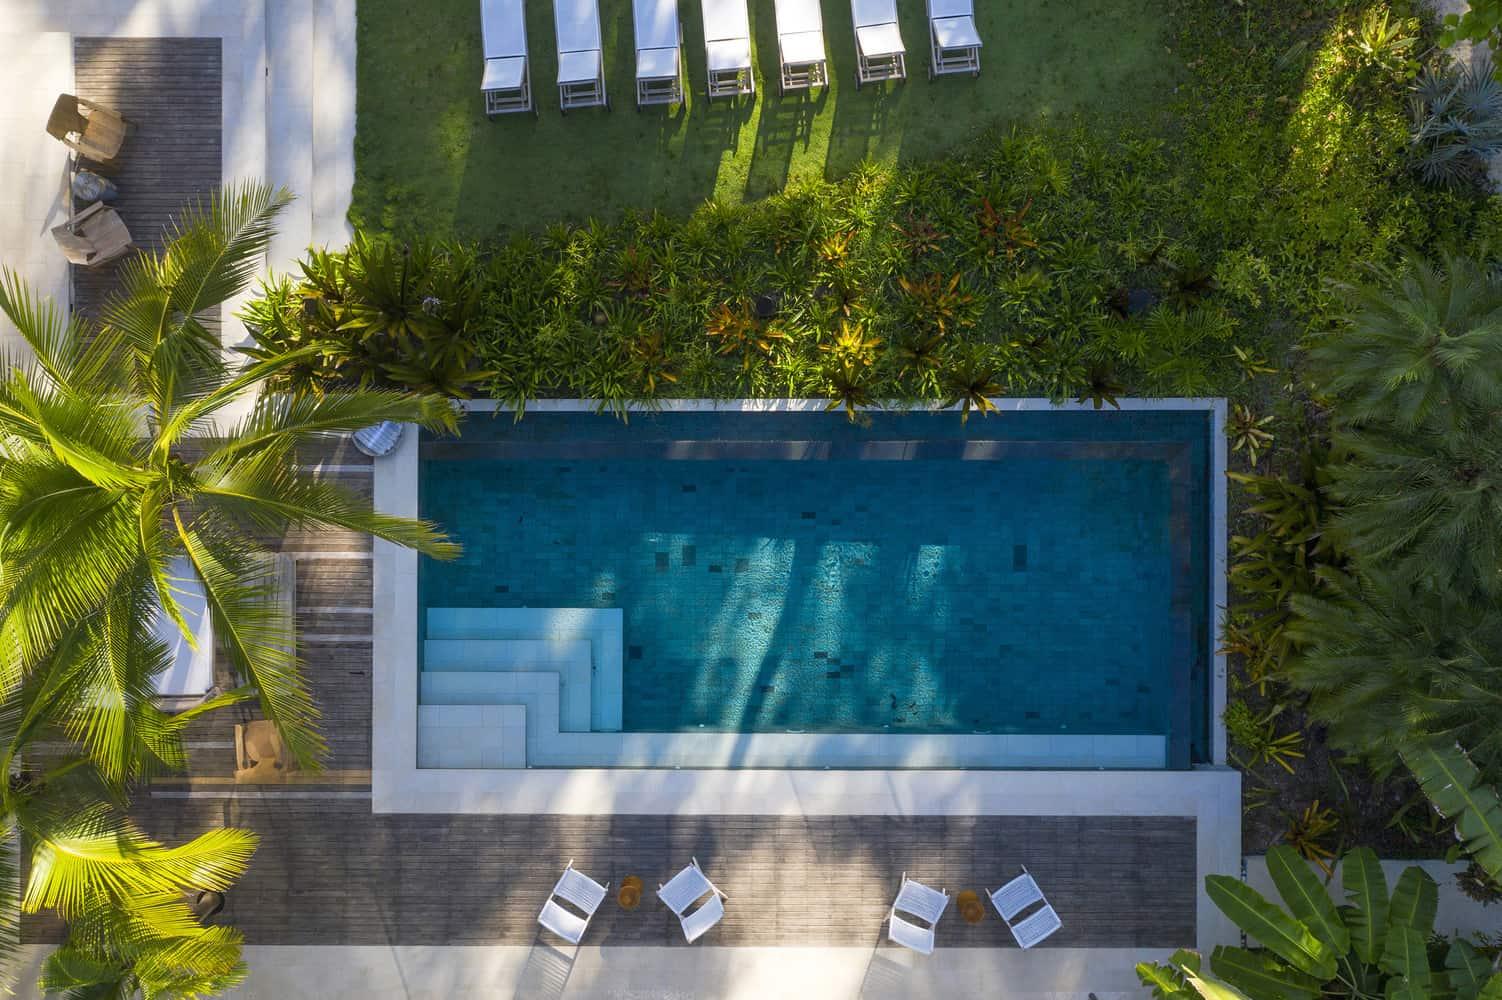 beach-house-pool-aerial-view